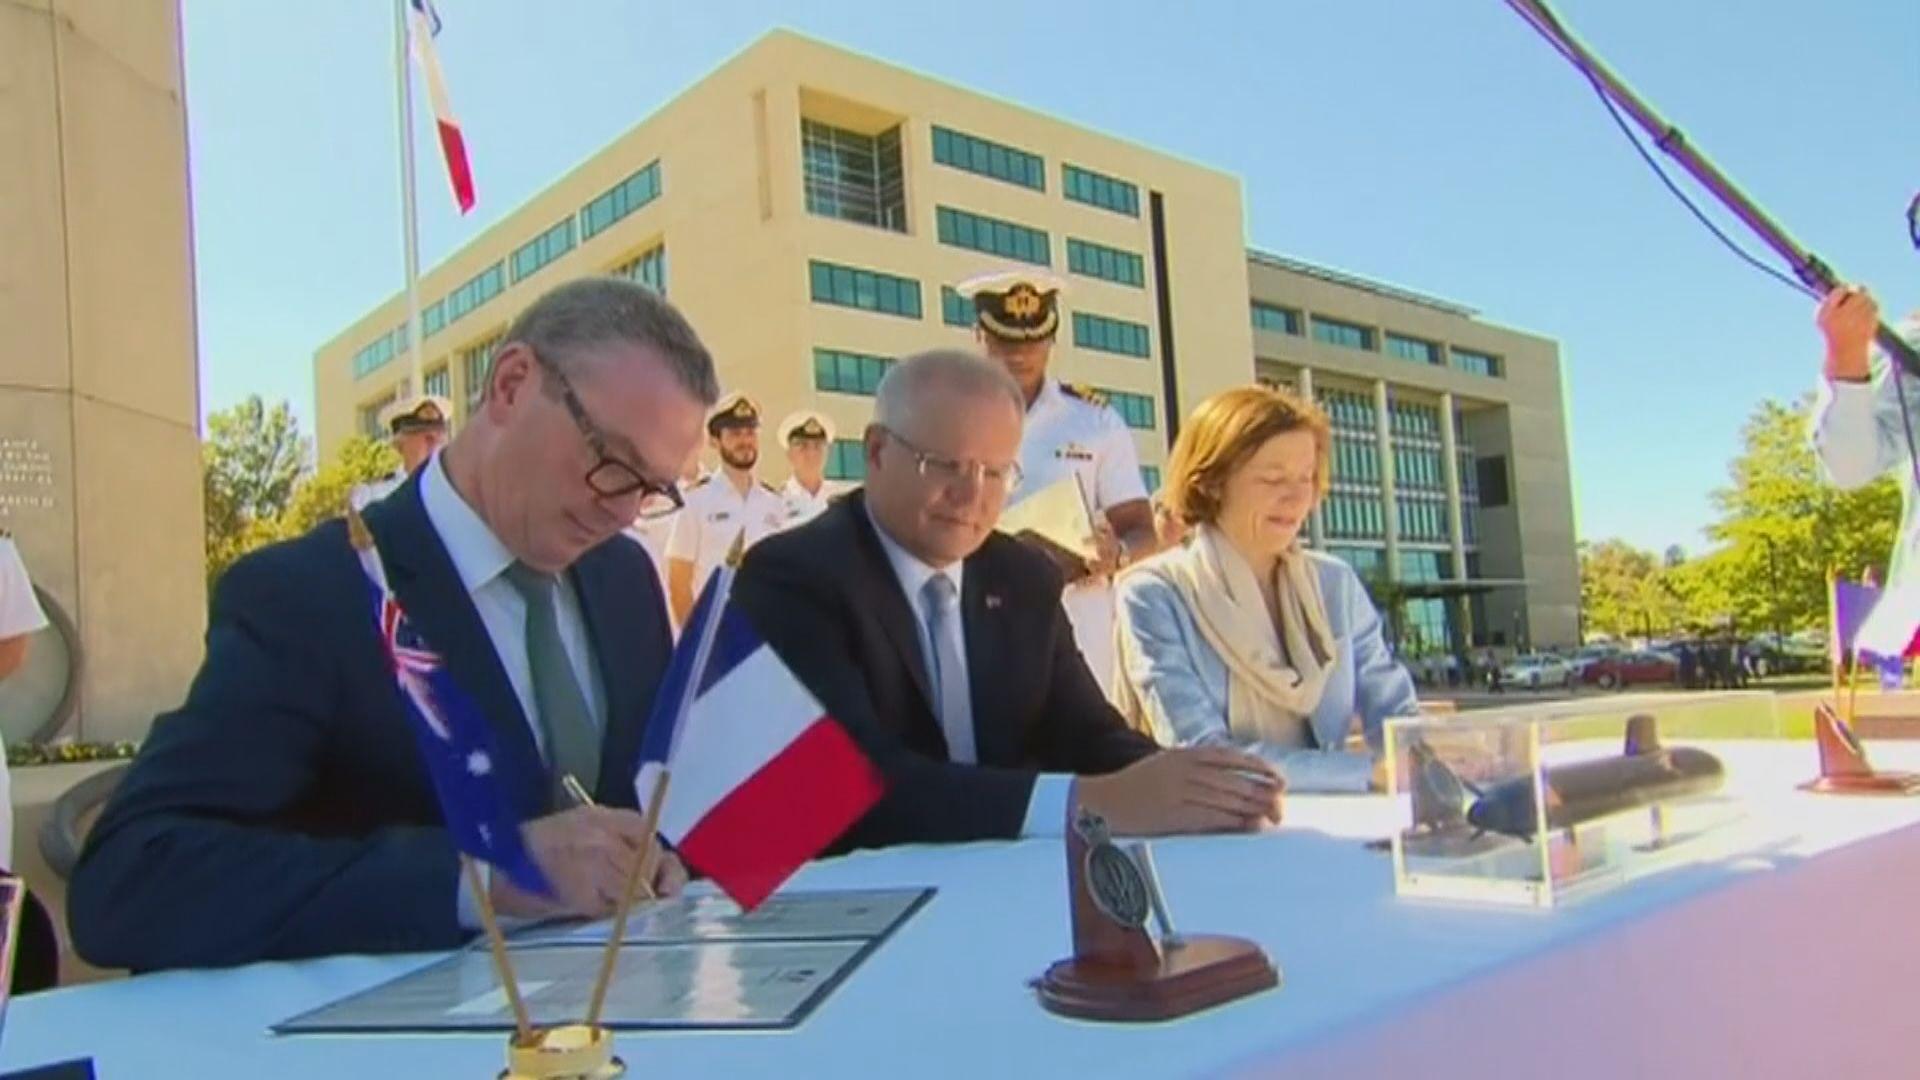 澳洲法國簽約落實建造新潛艇